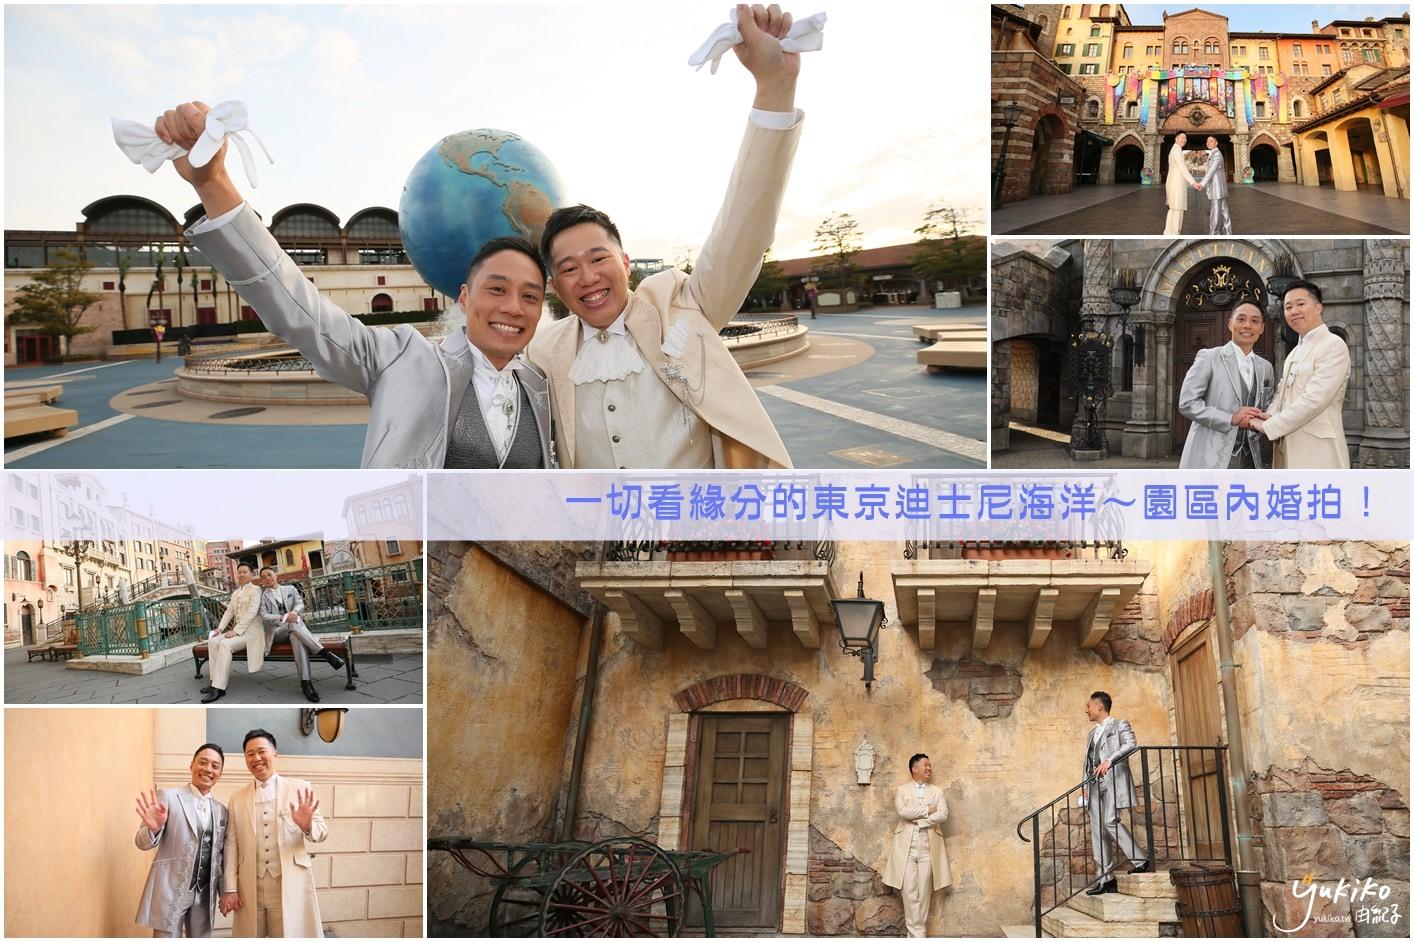 【東京迪士尼海洋婚拍】想拍但不一定人人都拍得到的夢幻海洋婚拍~